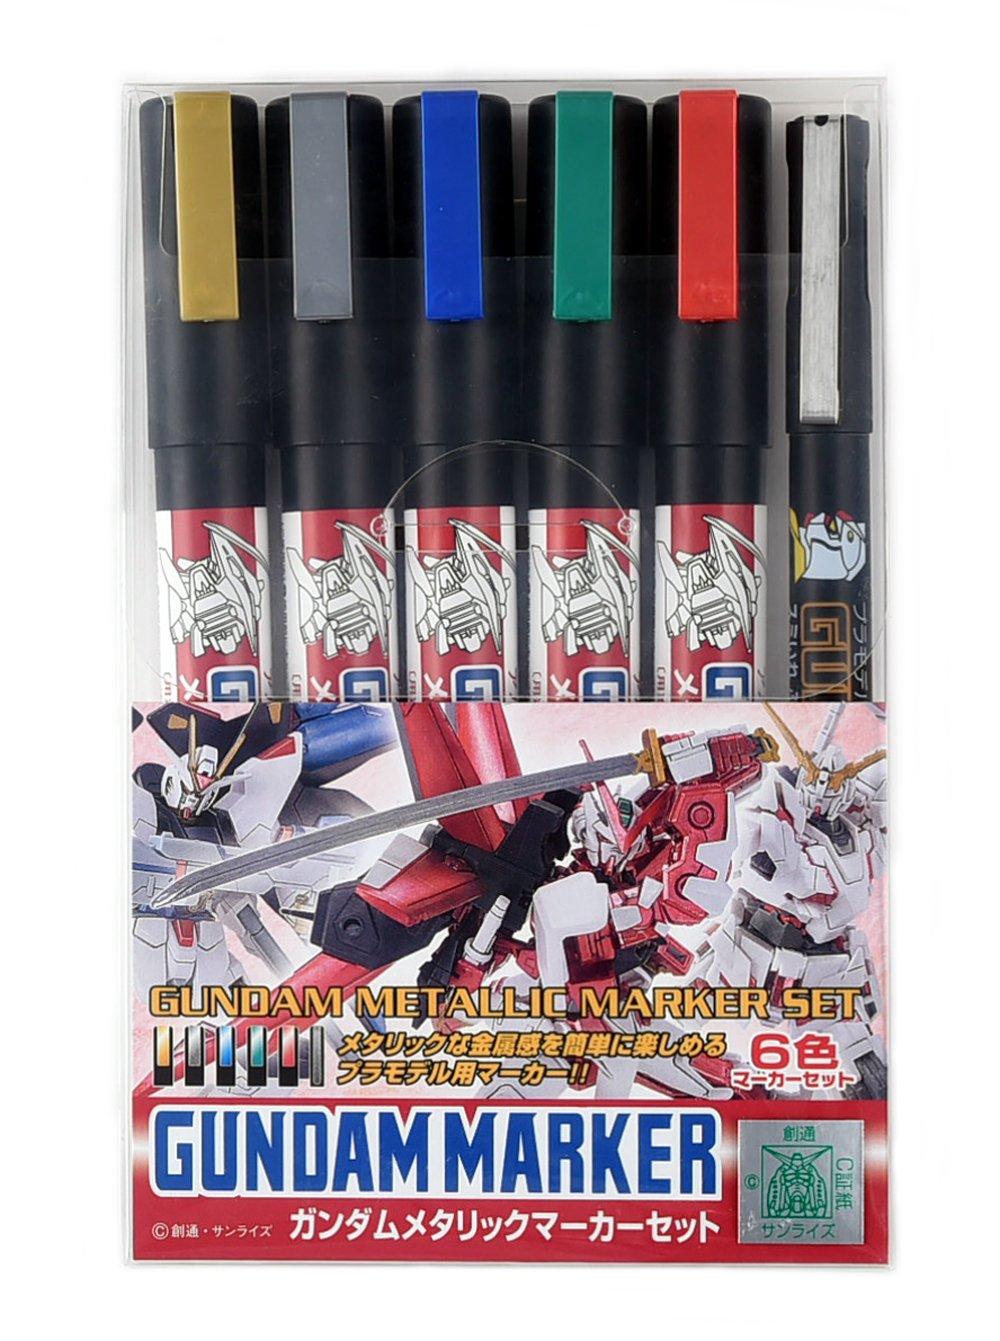 GSI Creos AMS 121 Gundam Metallic Marker Set by GSI Creos